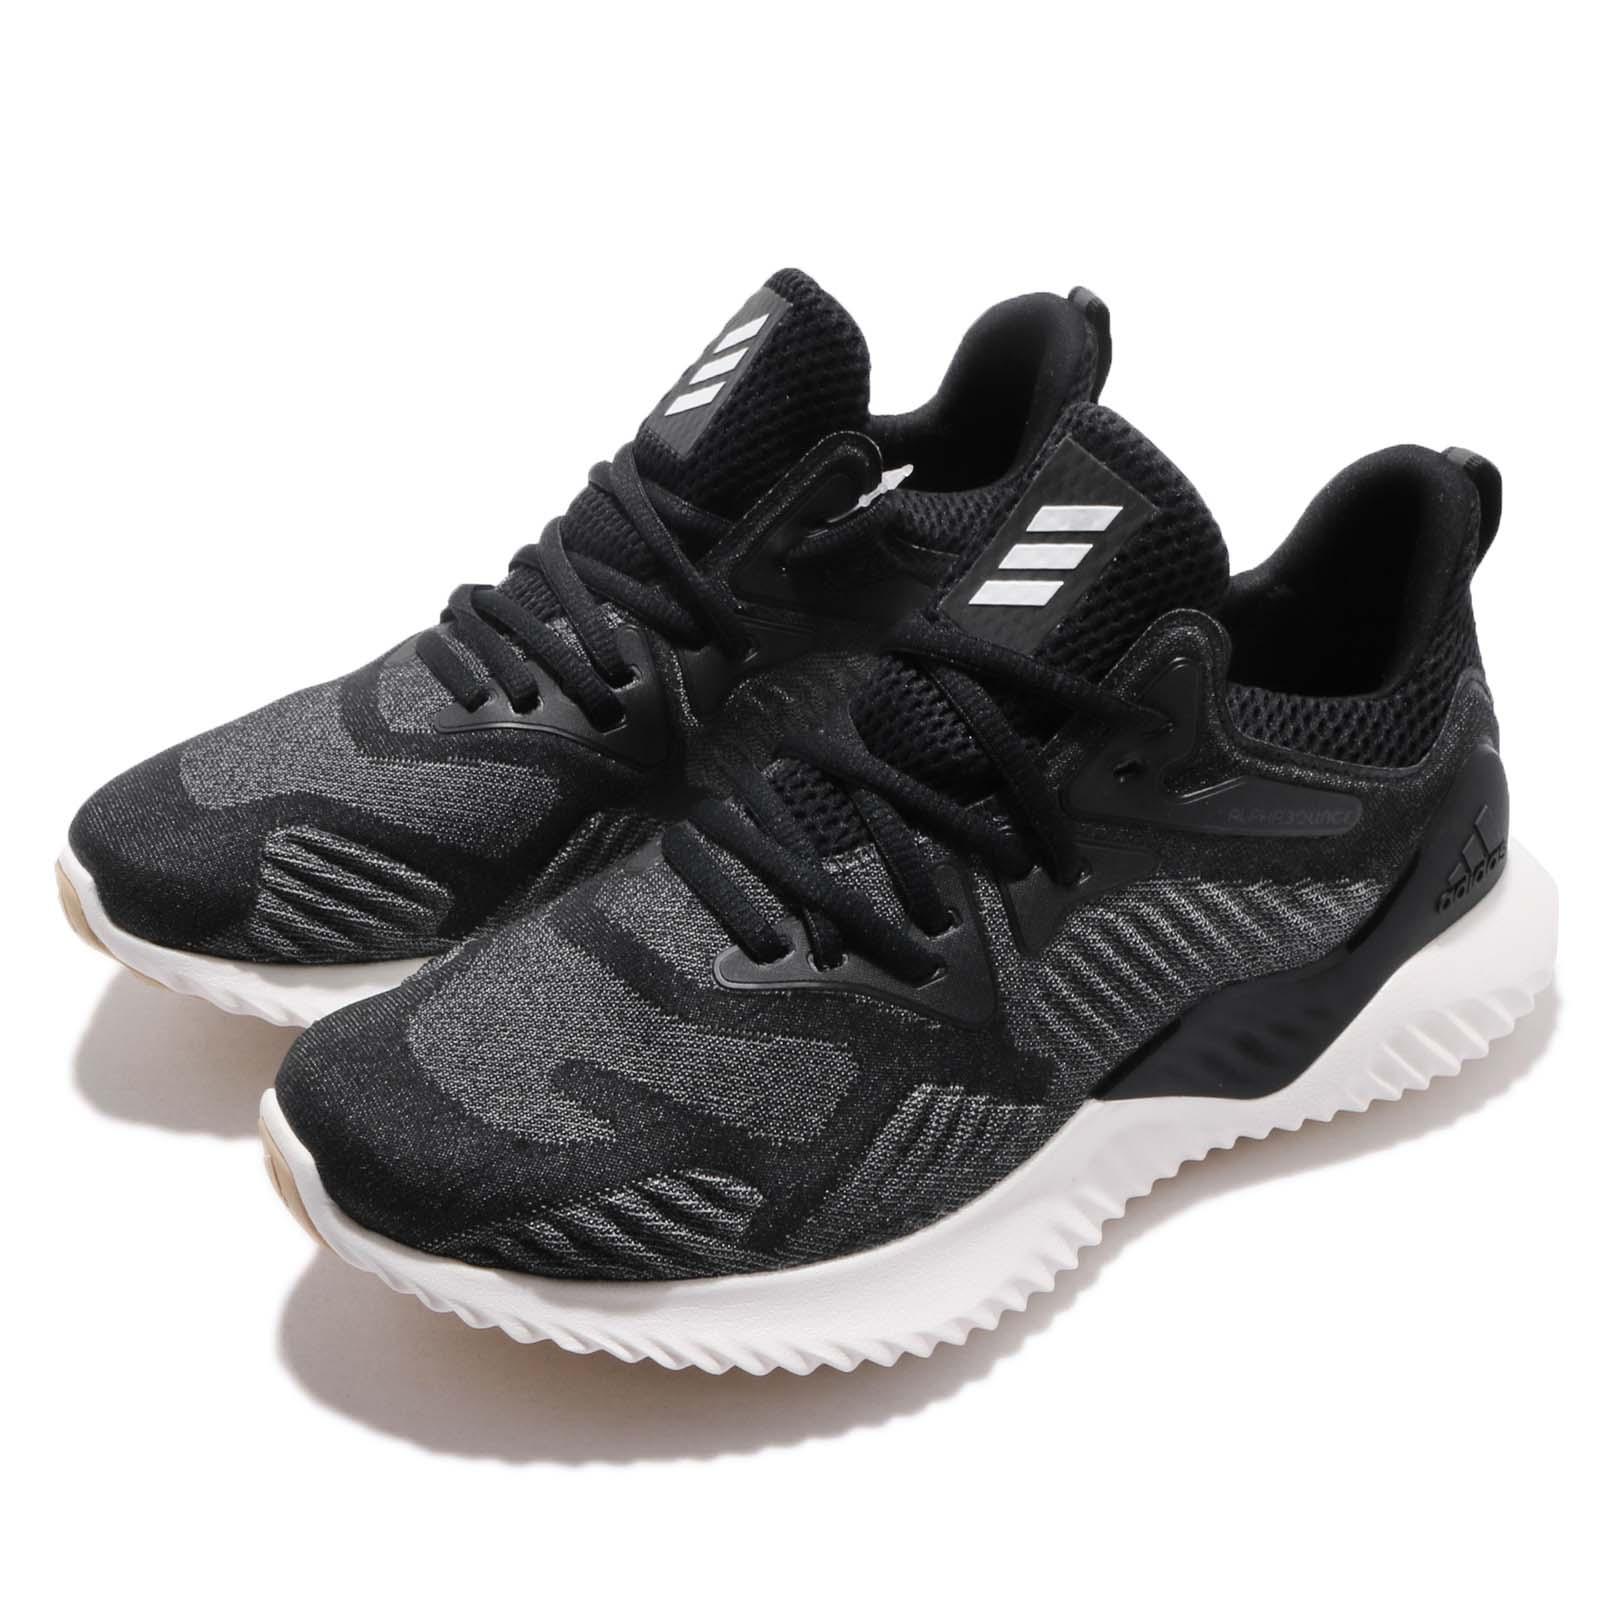 adidas 慢跑鞋 Alphabounce 女鞋 CG5581